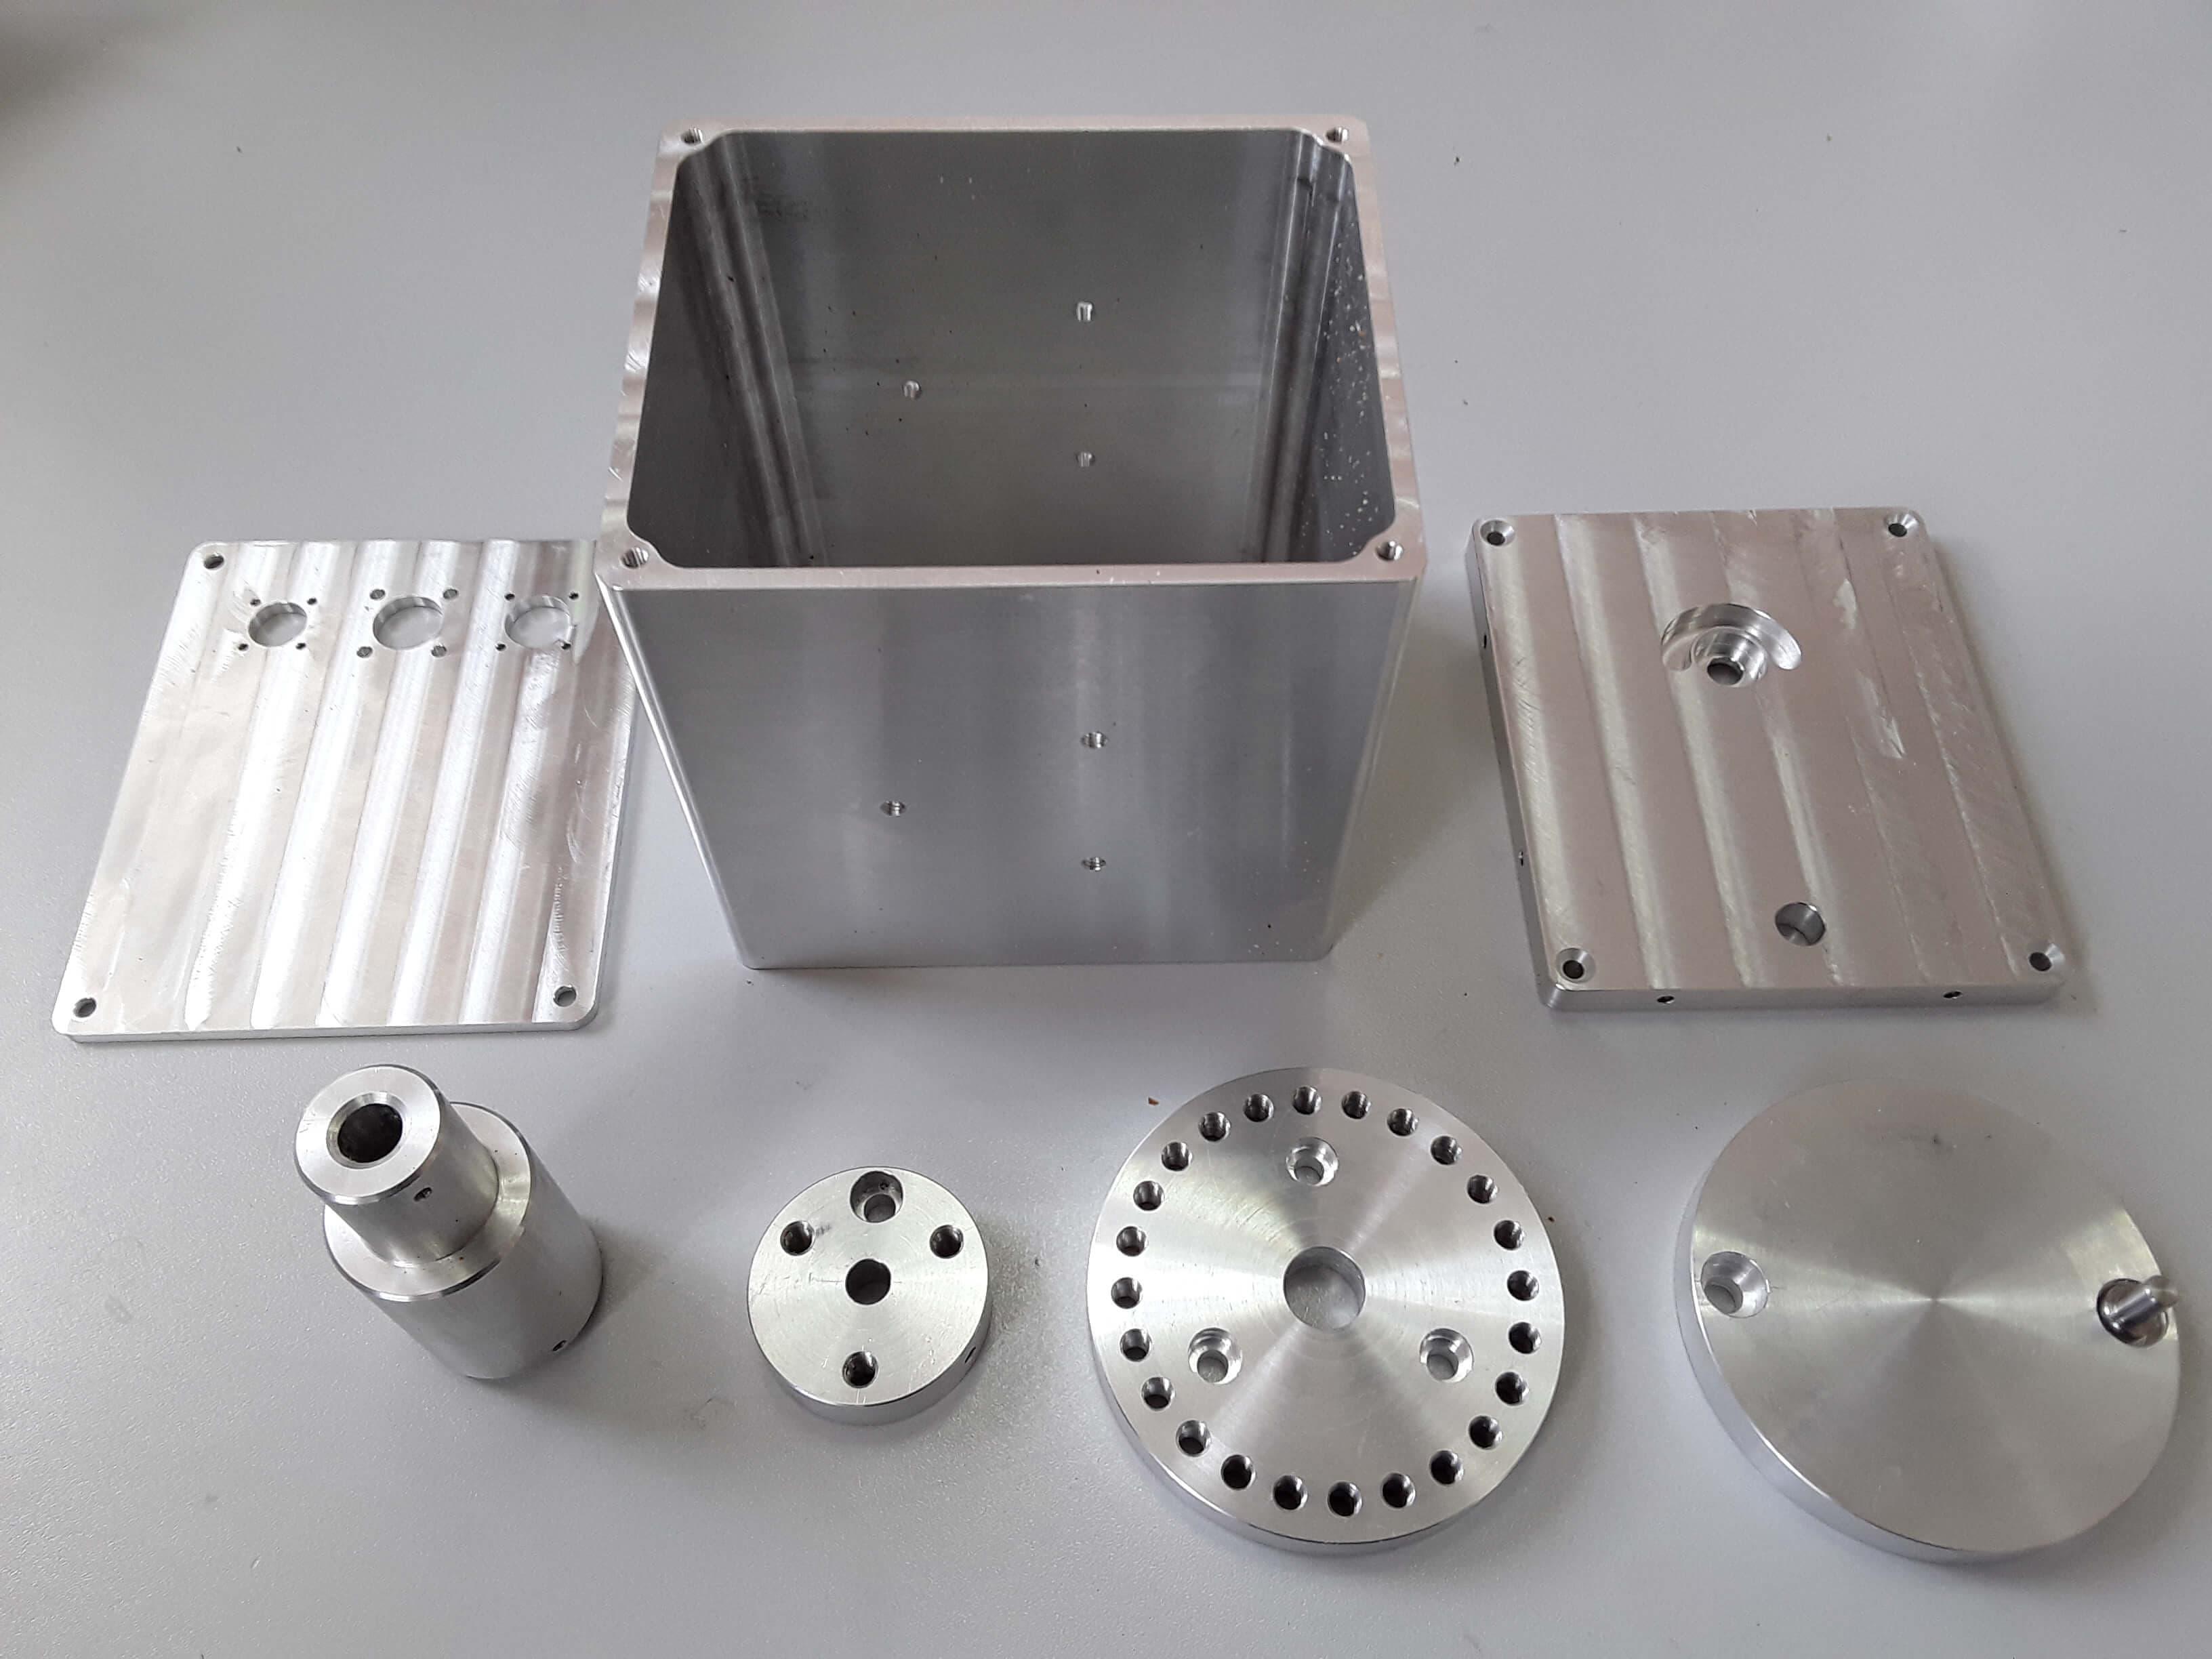 Особенности изготовления корпусов для оборудования радиоэлектронной промышленности – изображение